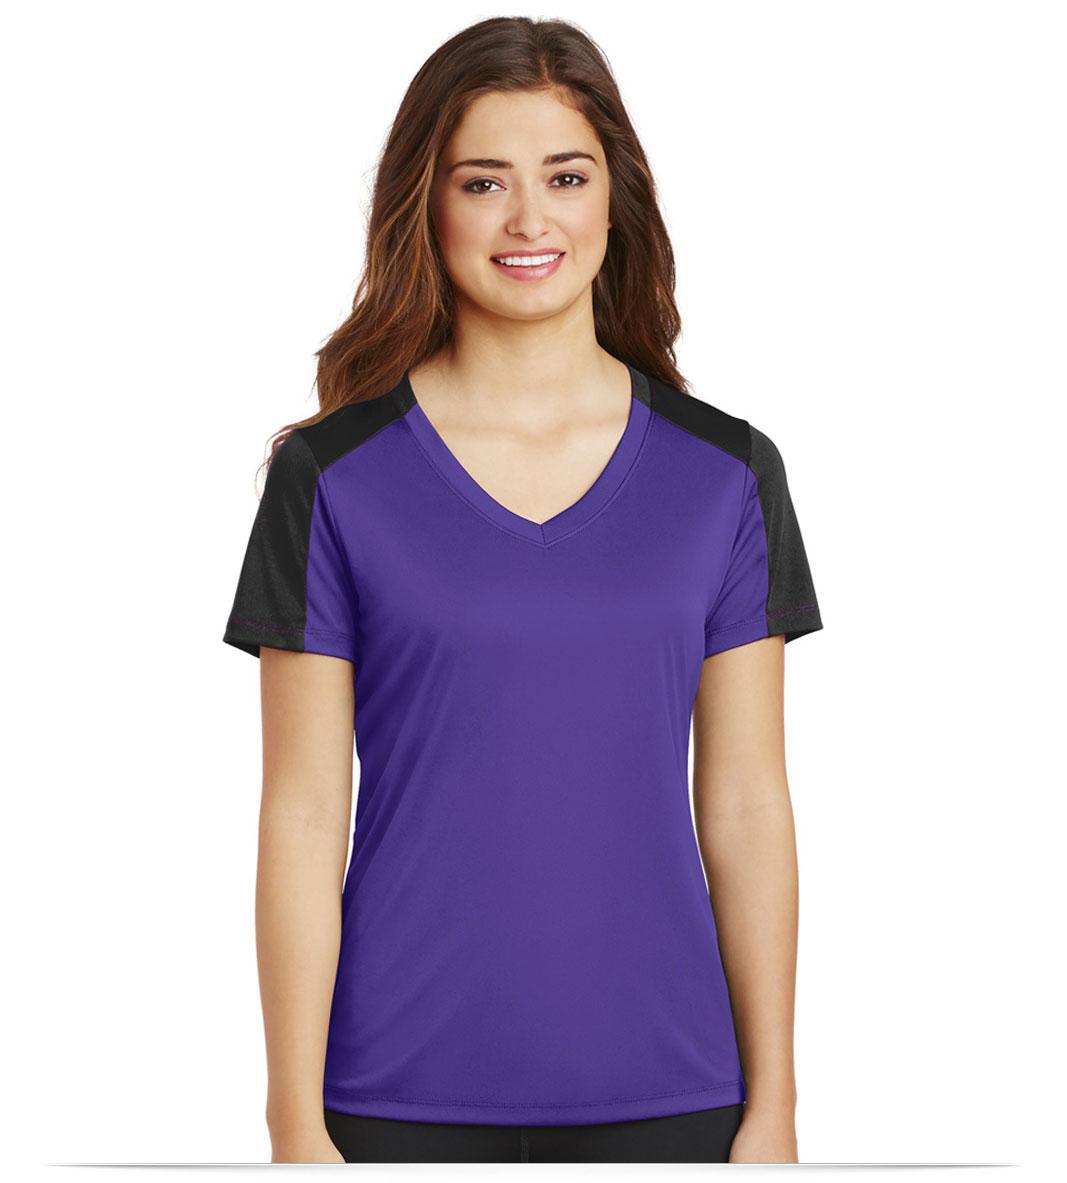 Personalized Sport-Tek Ladies Sleeve-Blocked V-Neck Tee